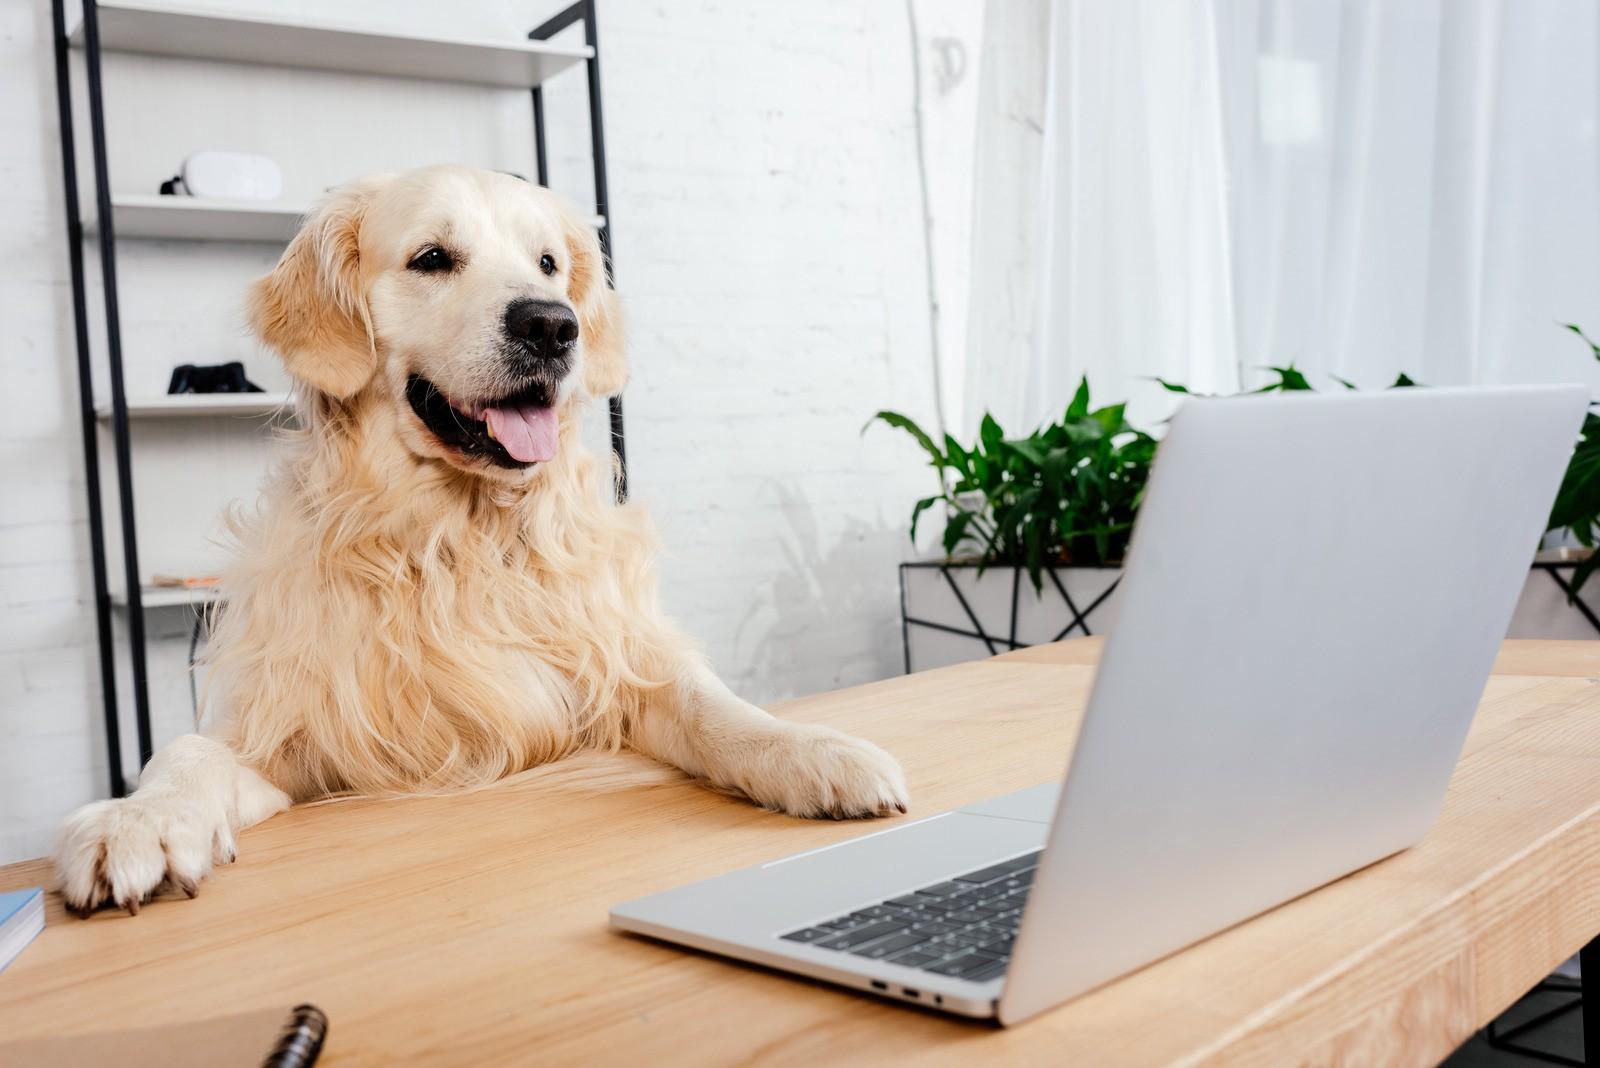 Dog Watching Laptop